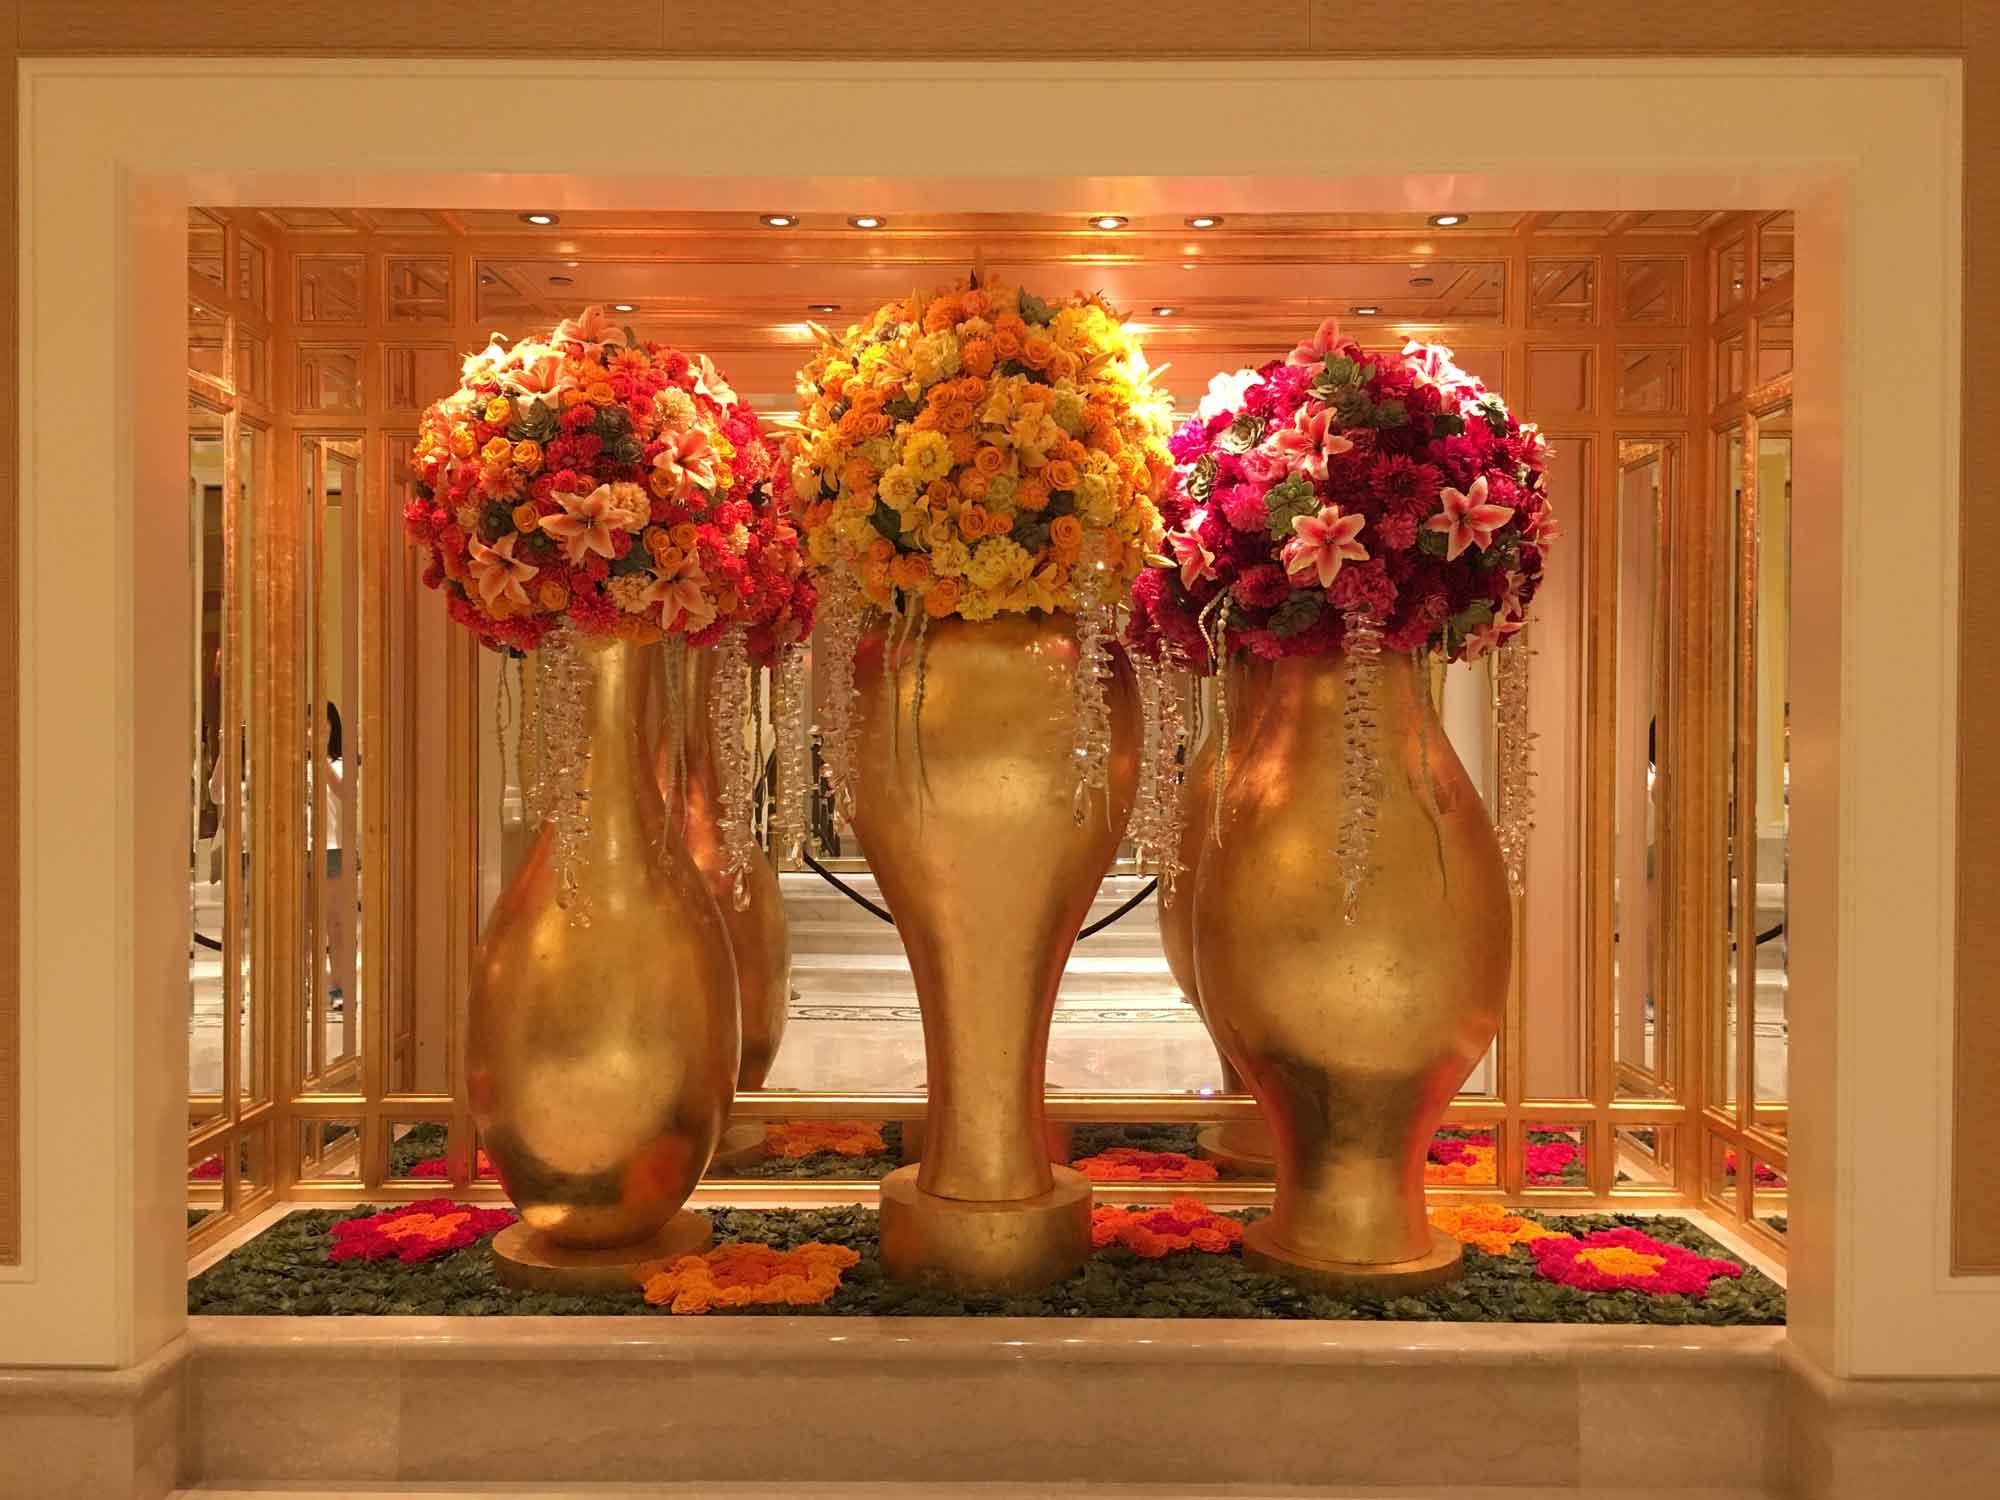 Wynn Macau vases